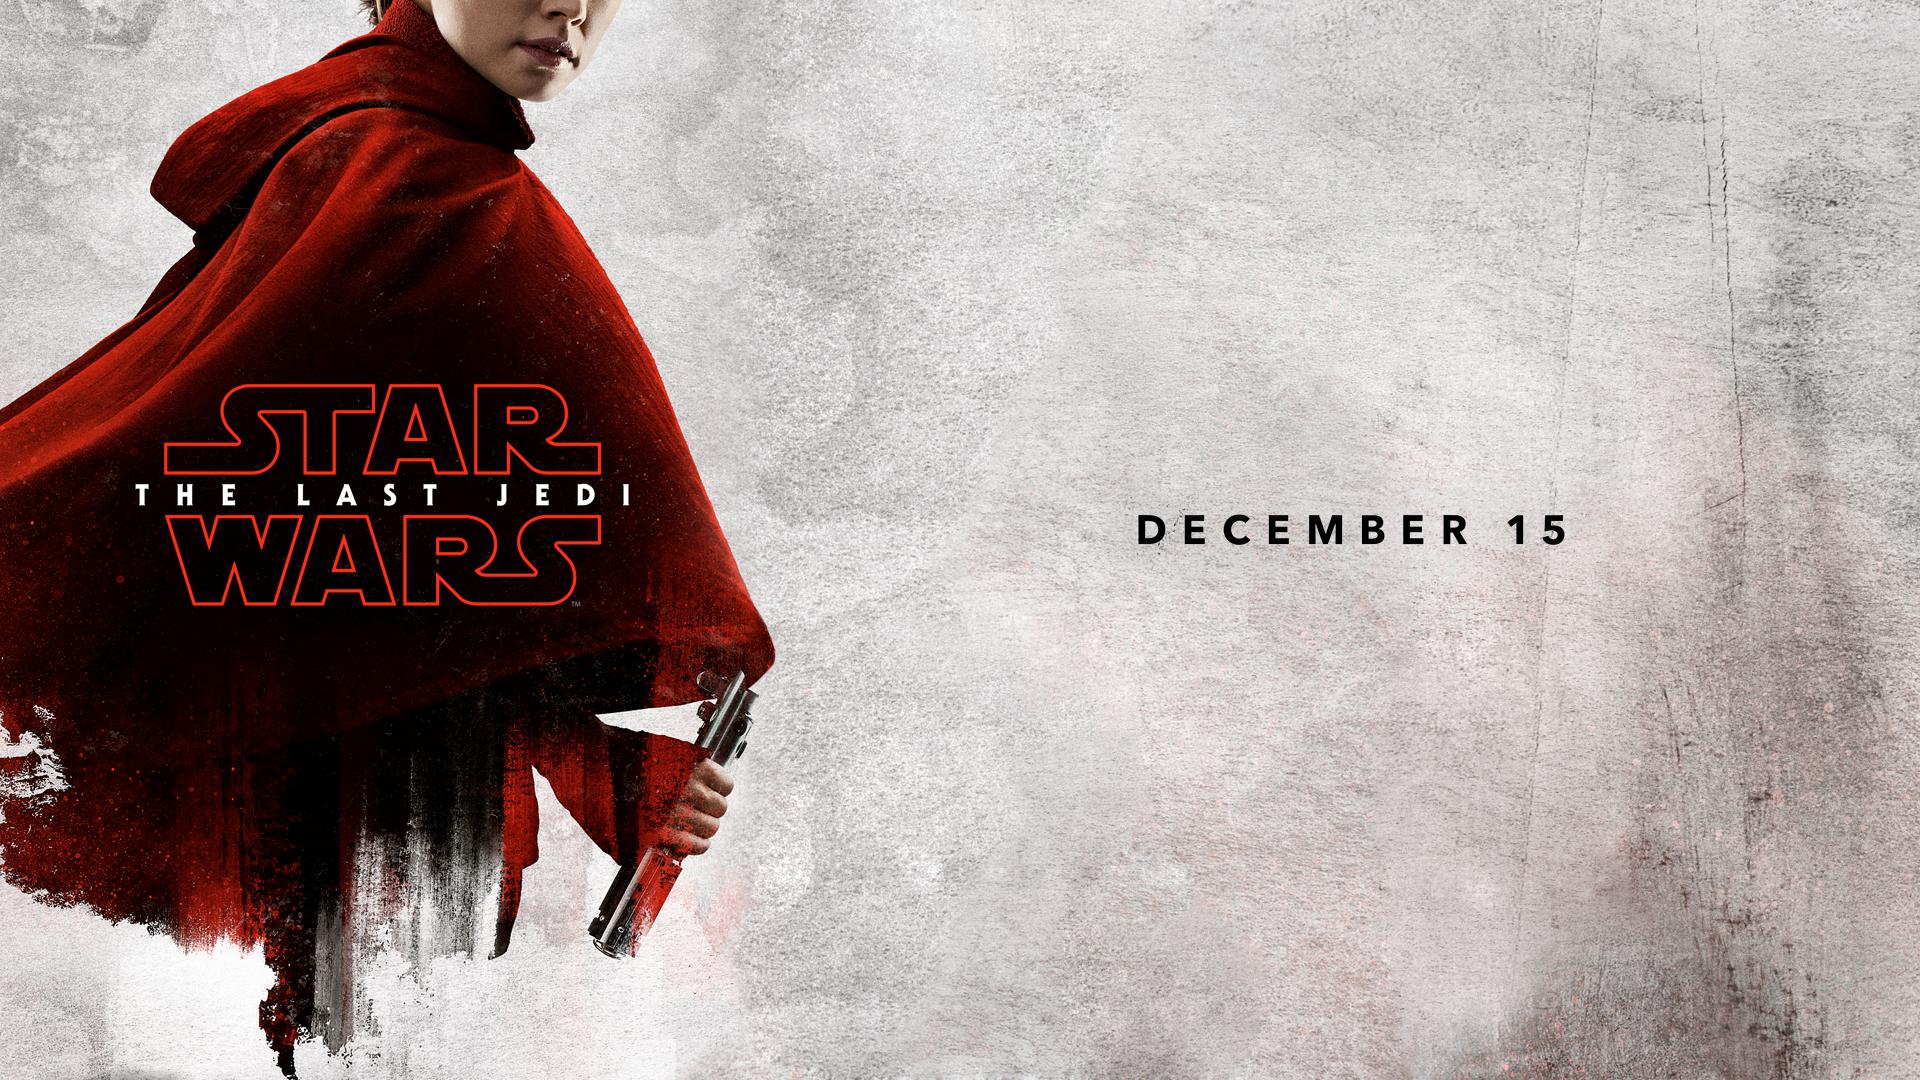 Wallpaper Star Wars The Last Jedi Movies Rey From Star Wars